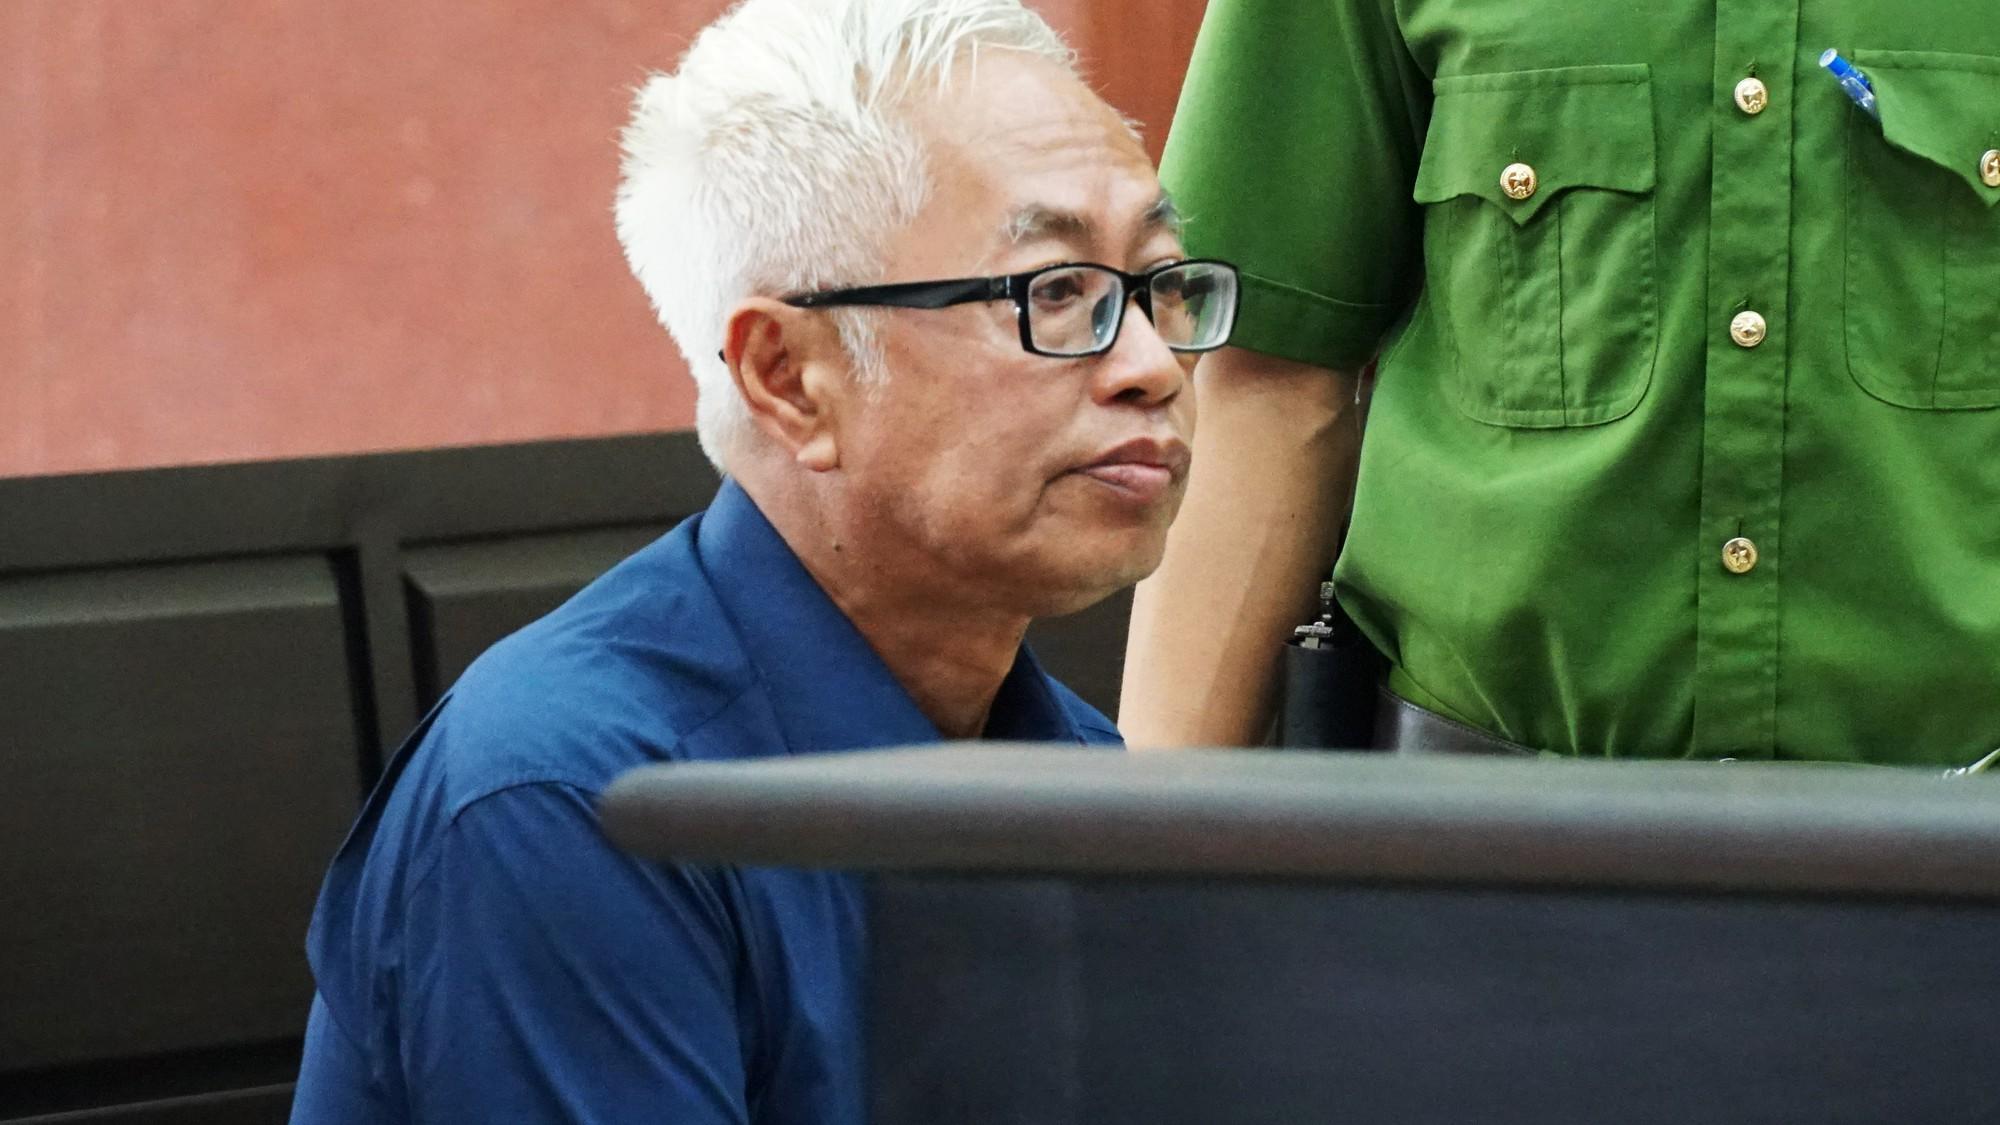 Hàng loạt luật sư vắng mặt, tòa hoãn xử phúc thẩm Vũ nhôm trong đại án ngân hàng Đông Á - Ảnh 2.